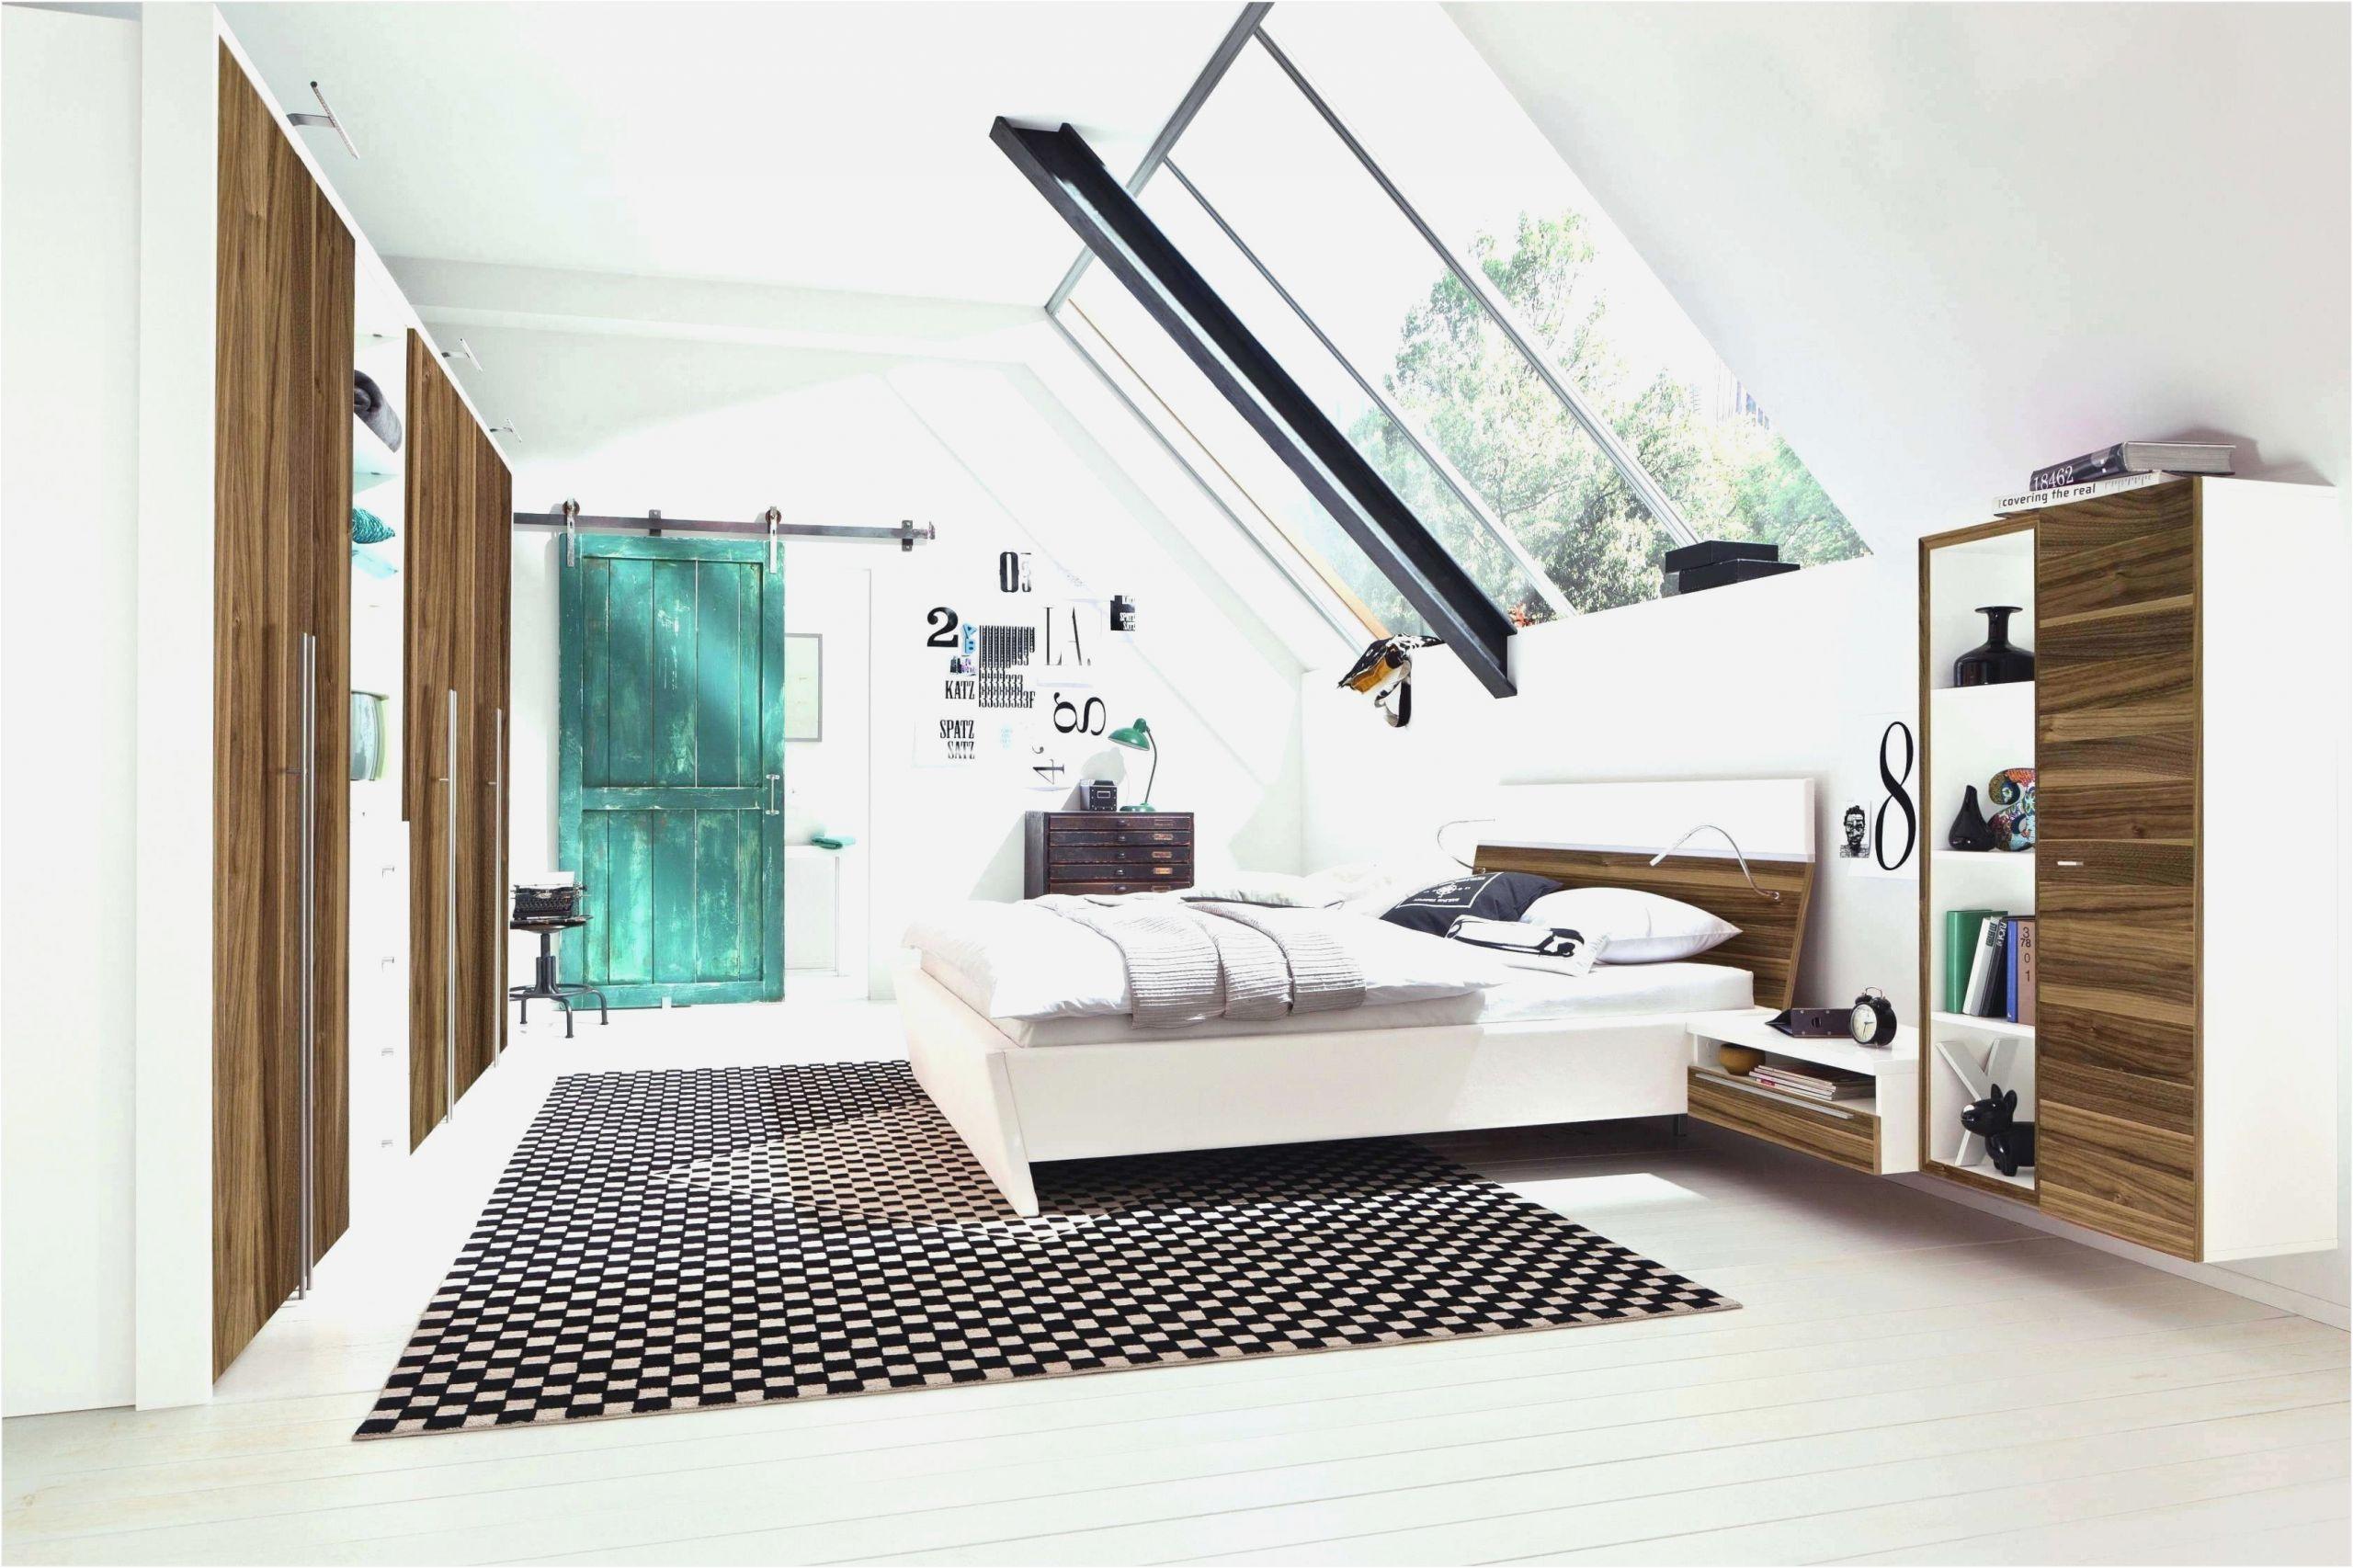 schlafzimmer einrichten ideen grau of schlafzimmer einrichten ideen grau scaled